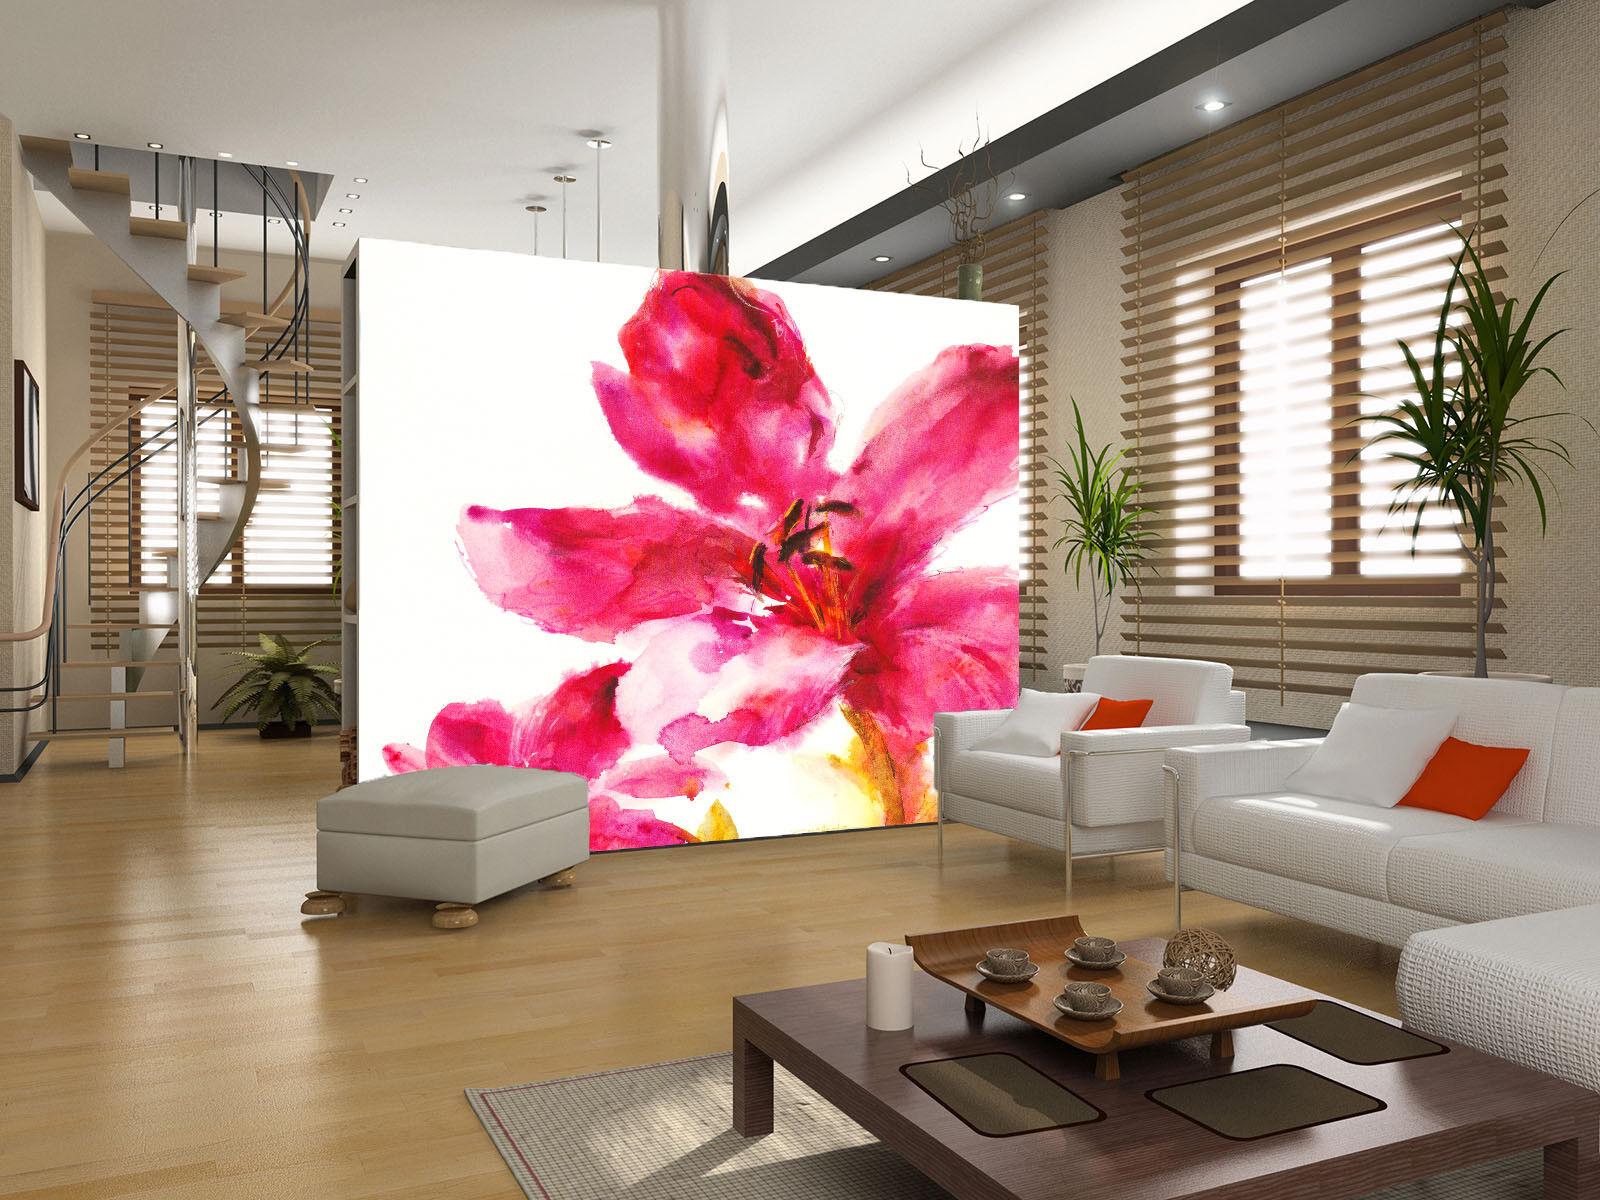 3D Aquarell Blaumen 843 Tapete Wandgemälde Tapete Tapete Tapete Tapeten Bild Familie DE Summer | Outlet Online Store  |  ef0cf3